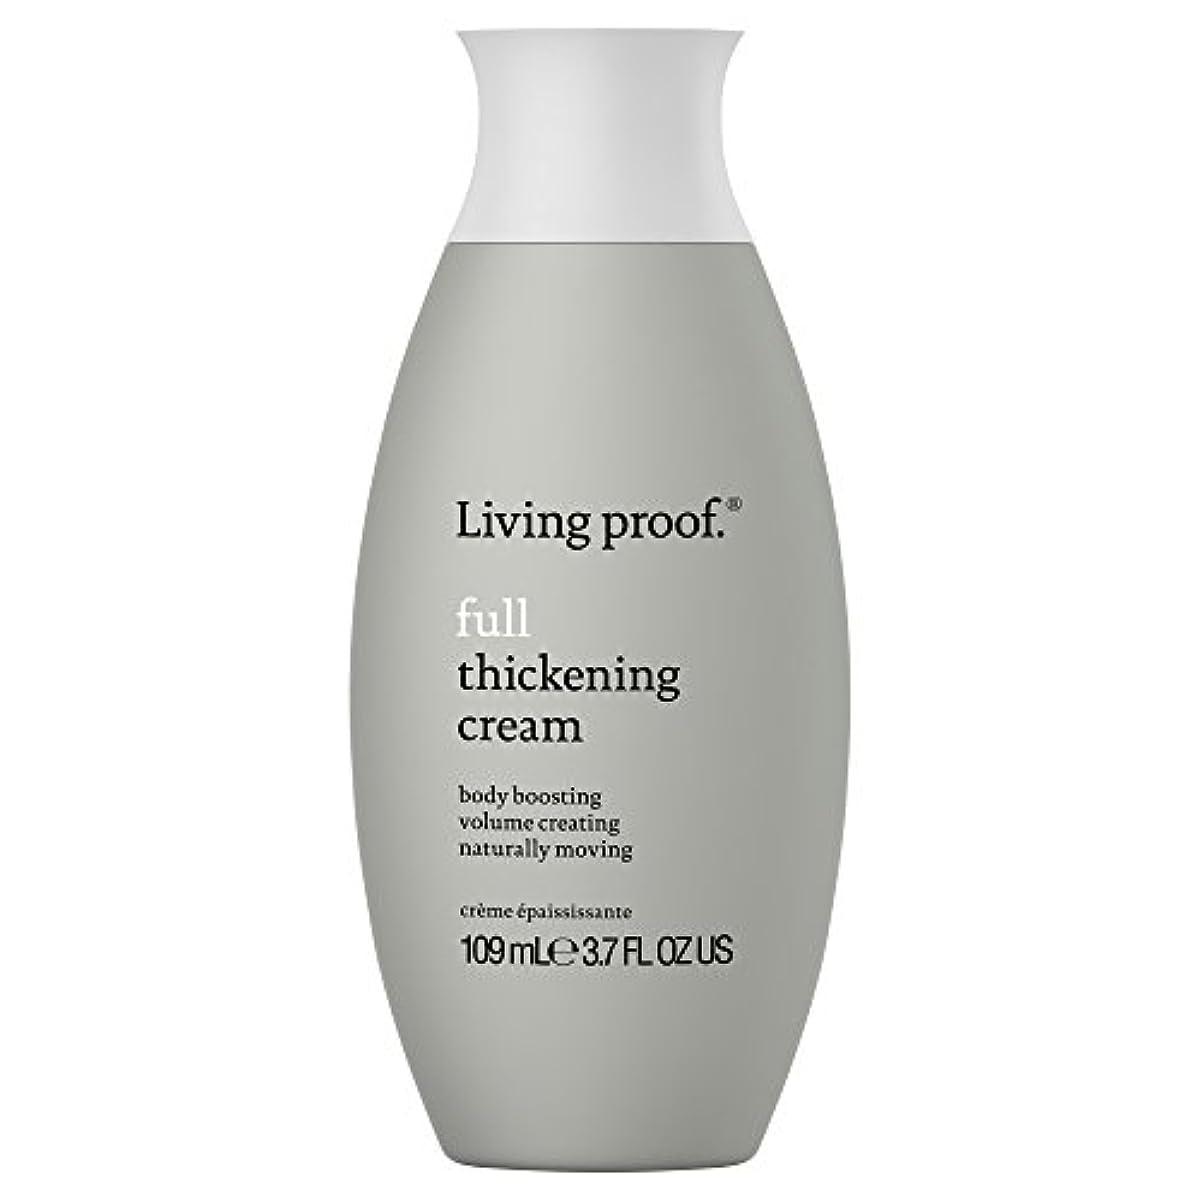 僕の機動液化する生きている証拠フル肥厚クリーム109ミリリットル (Living Proof) (x2) - Living Proof Full Thickening Cream 109ml (Pack of 2) [並行輸入品]